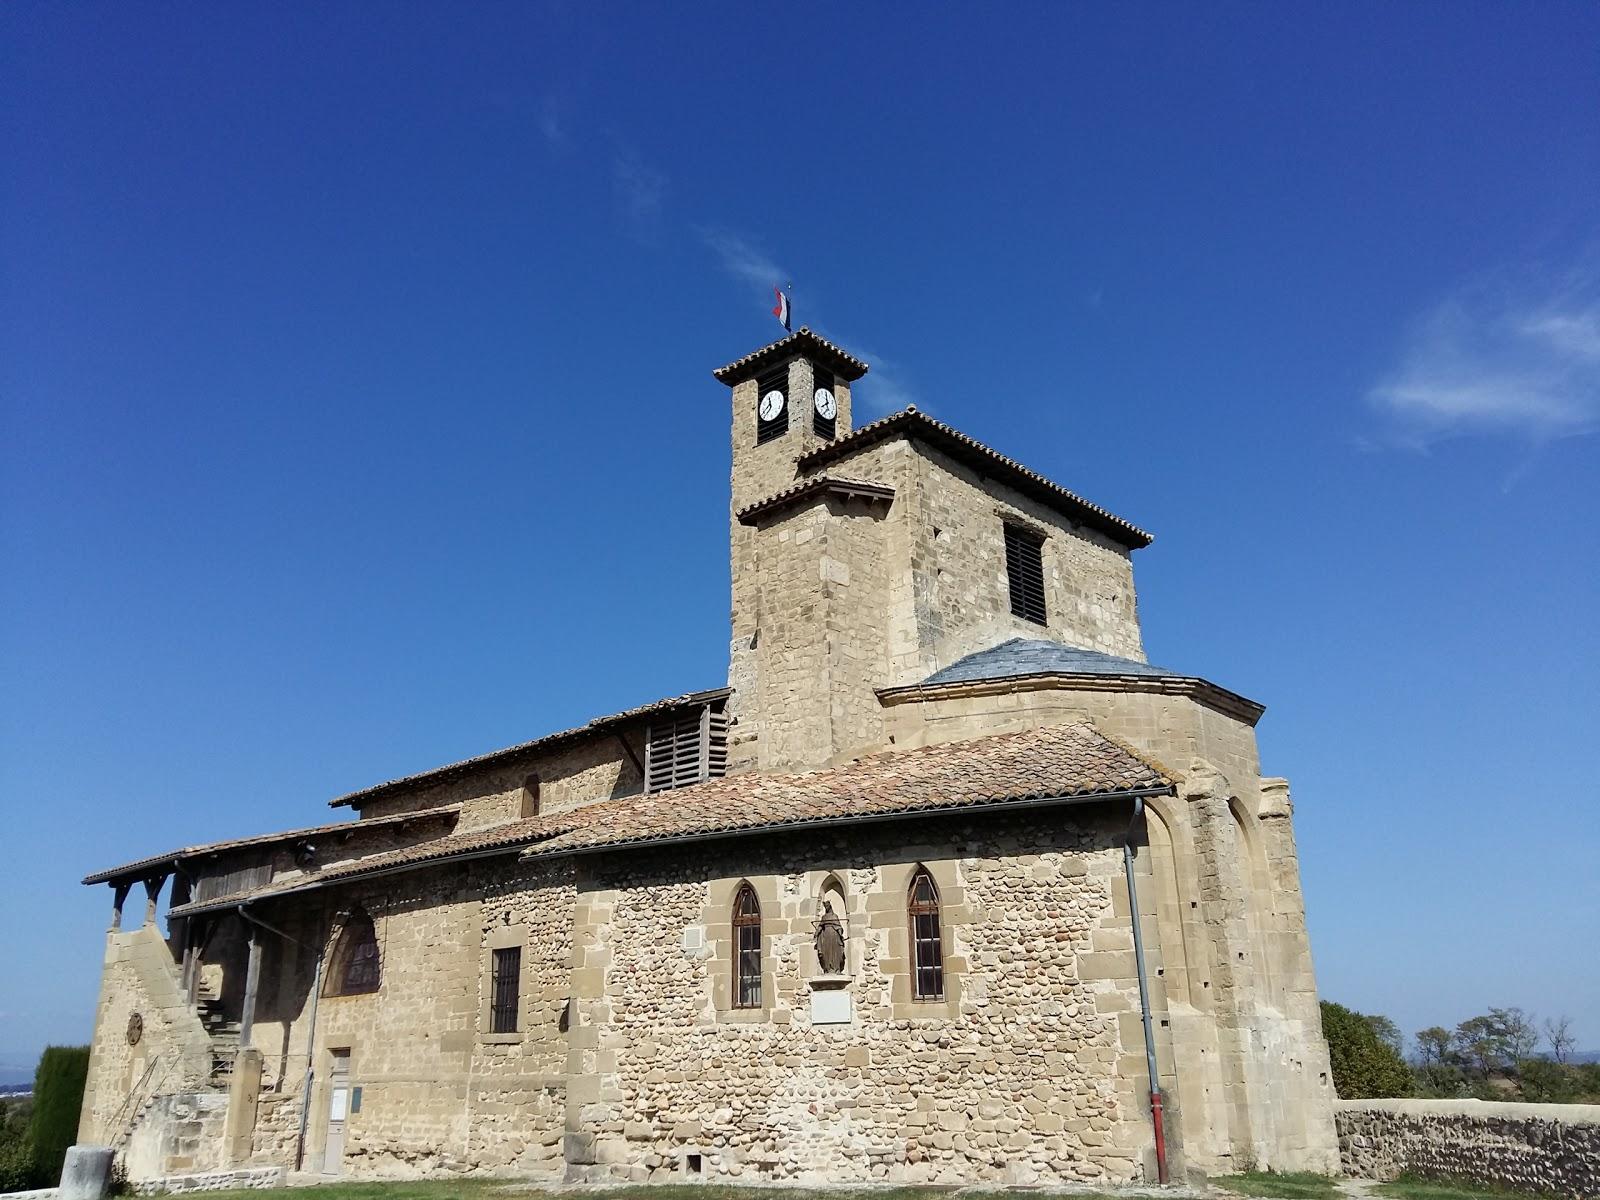 Saint marcel l s valence dr me qu ver y d nde dormir - Castorama saint marcel les valence ...